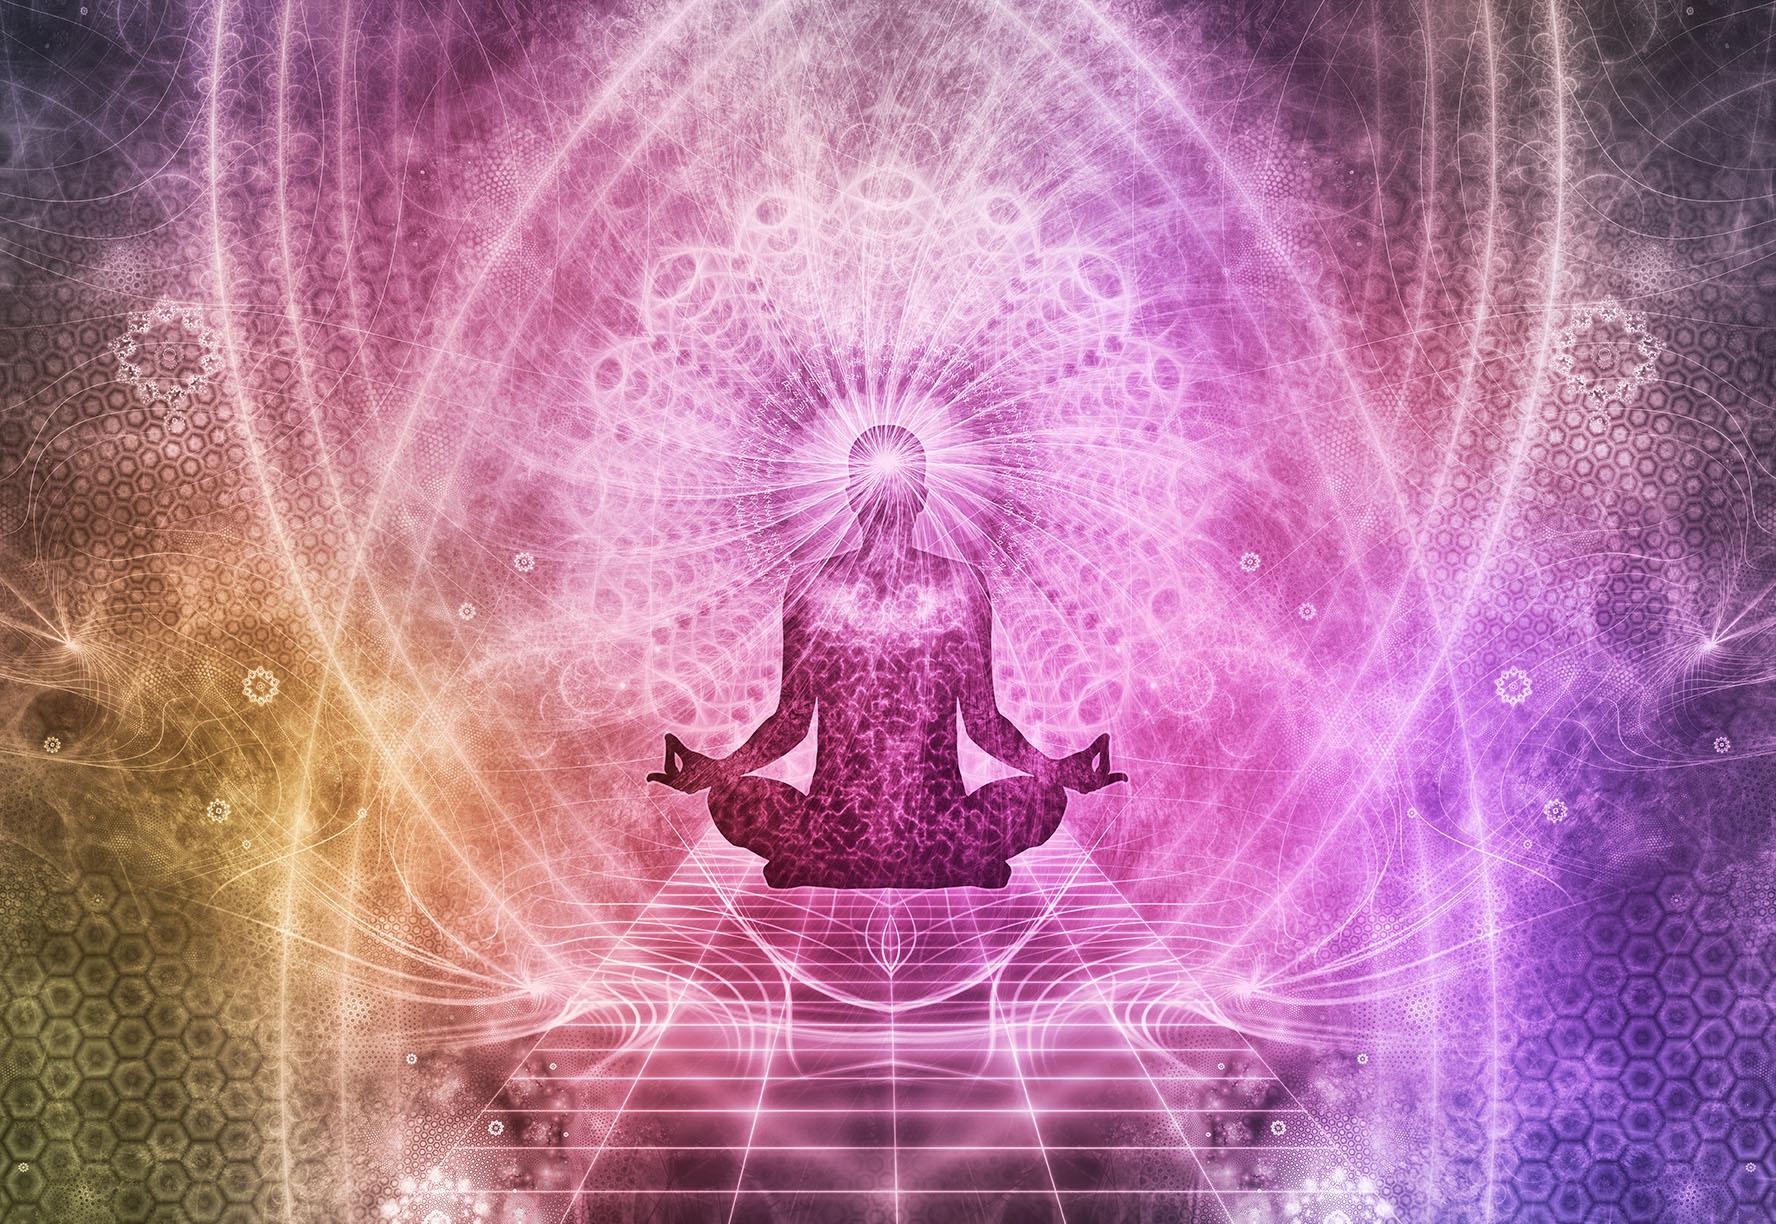 guia-da-alma-gif-despertar-consciencia-matrioska